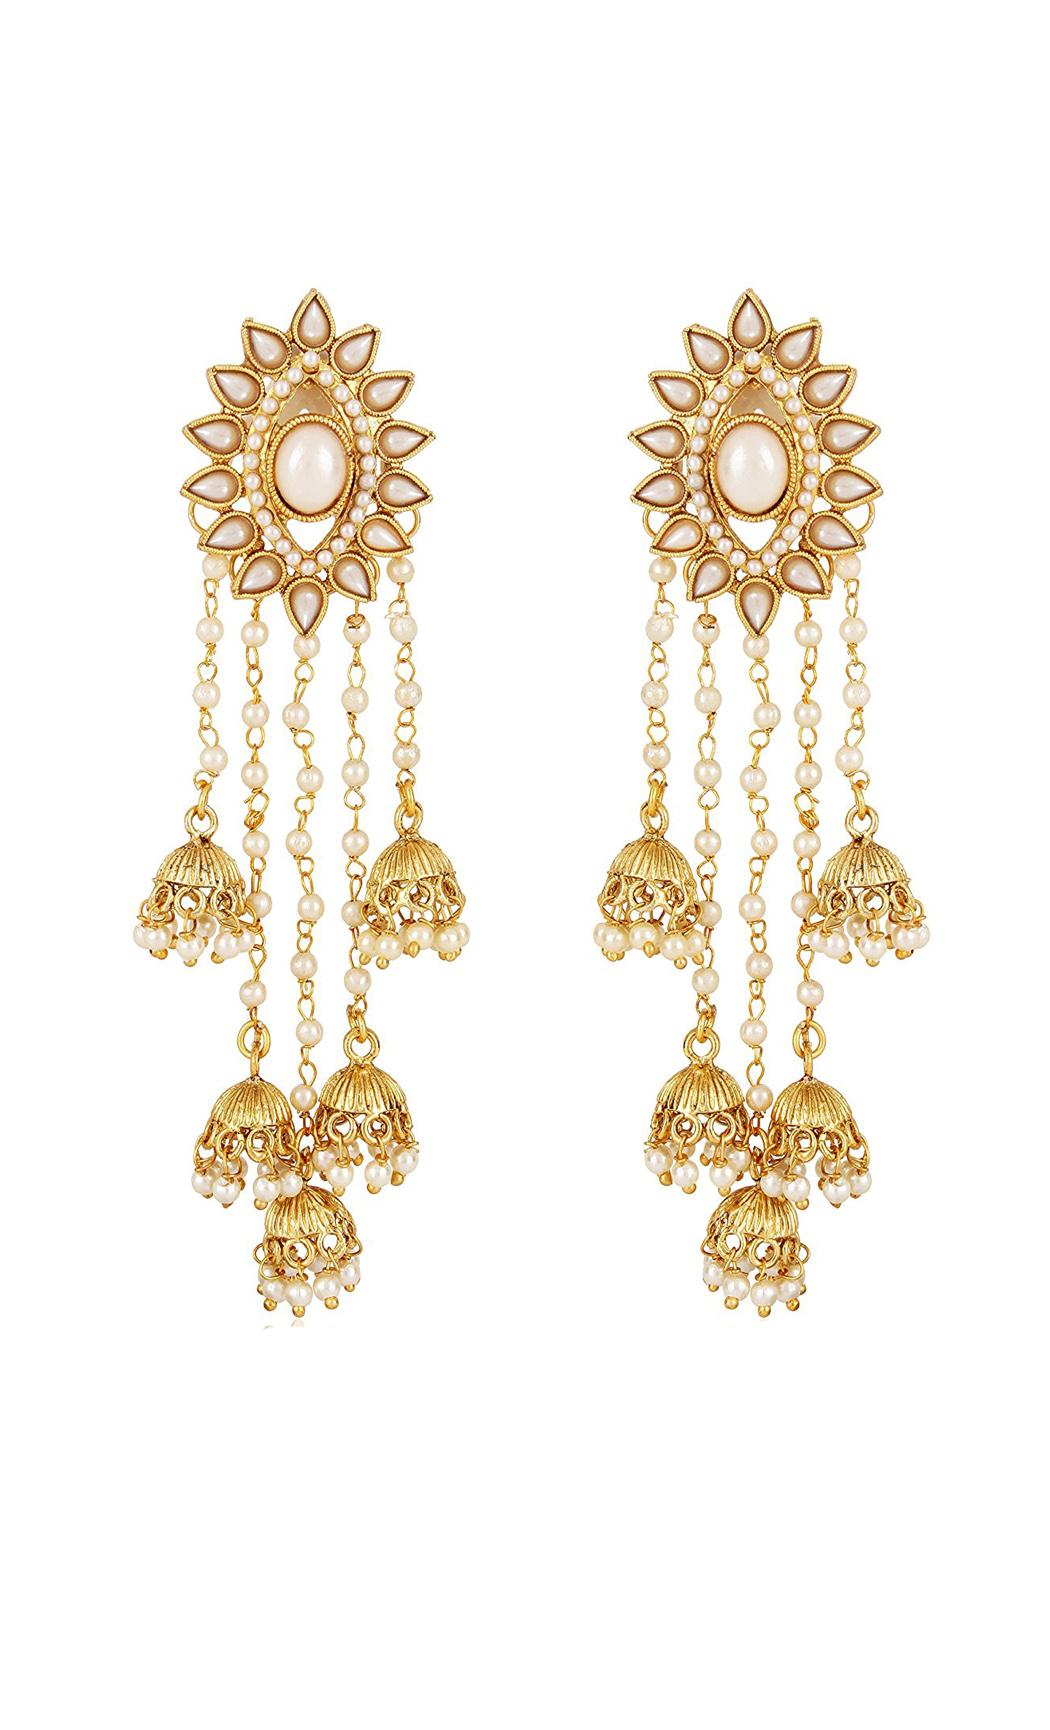 Gold and Pearl Dangler Earrings with Jhumkas | Wedding Earrings | Buy Online